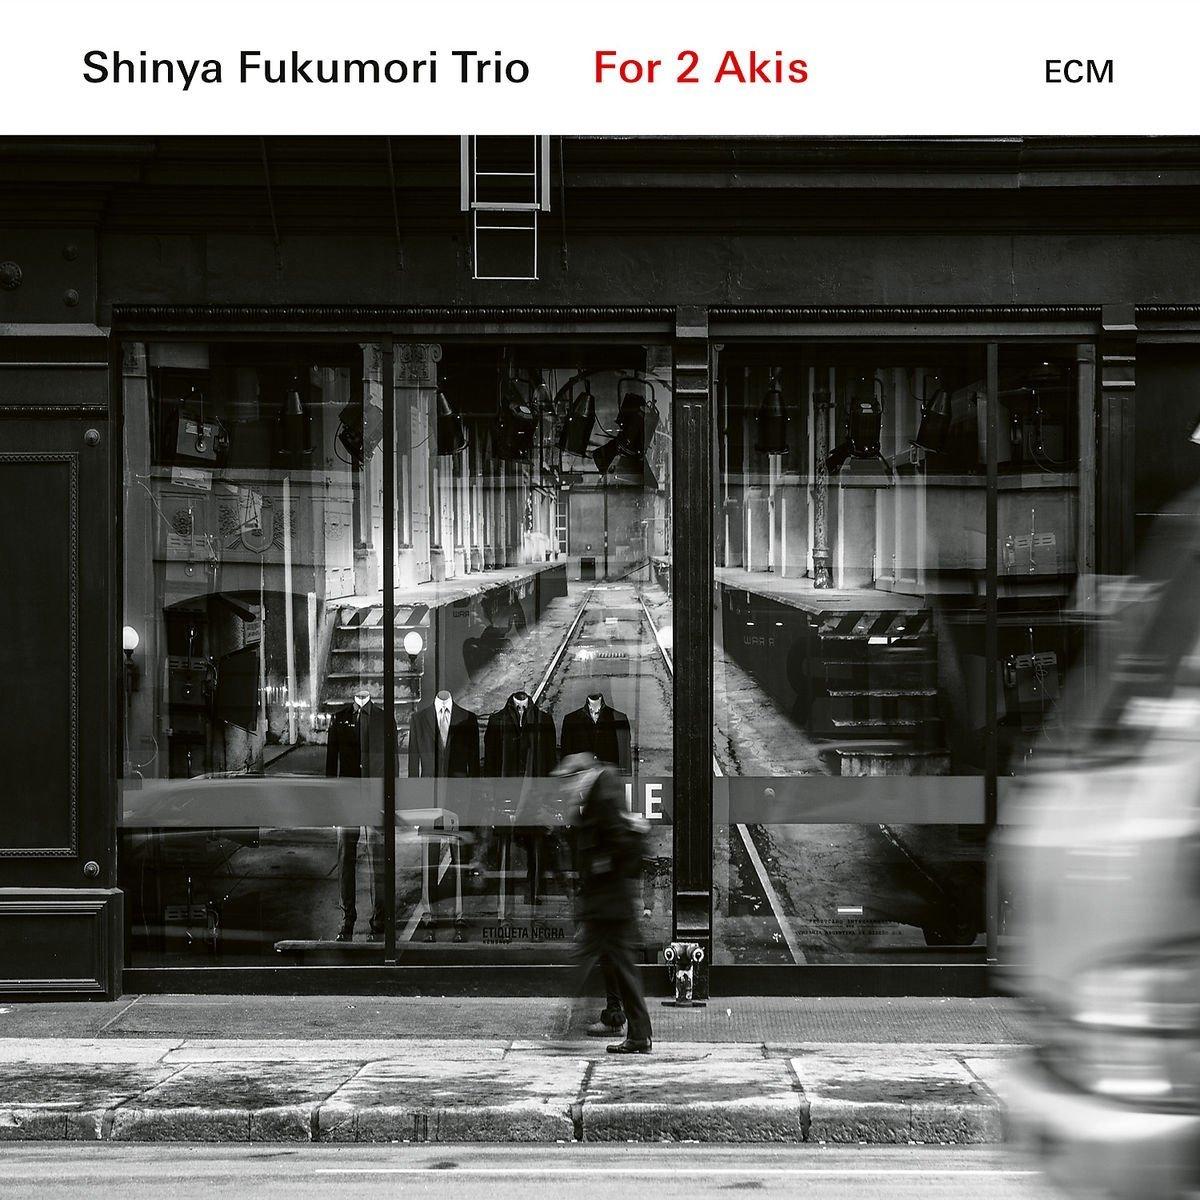 SHINYA FUKUMORI - For 2 Akis cover